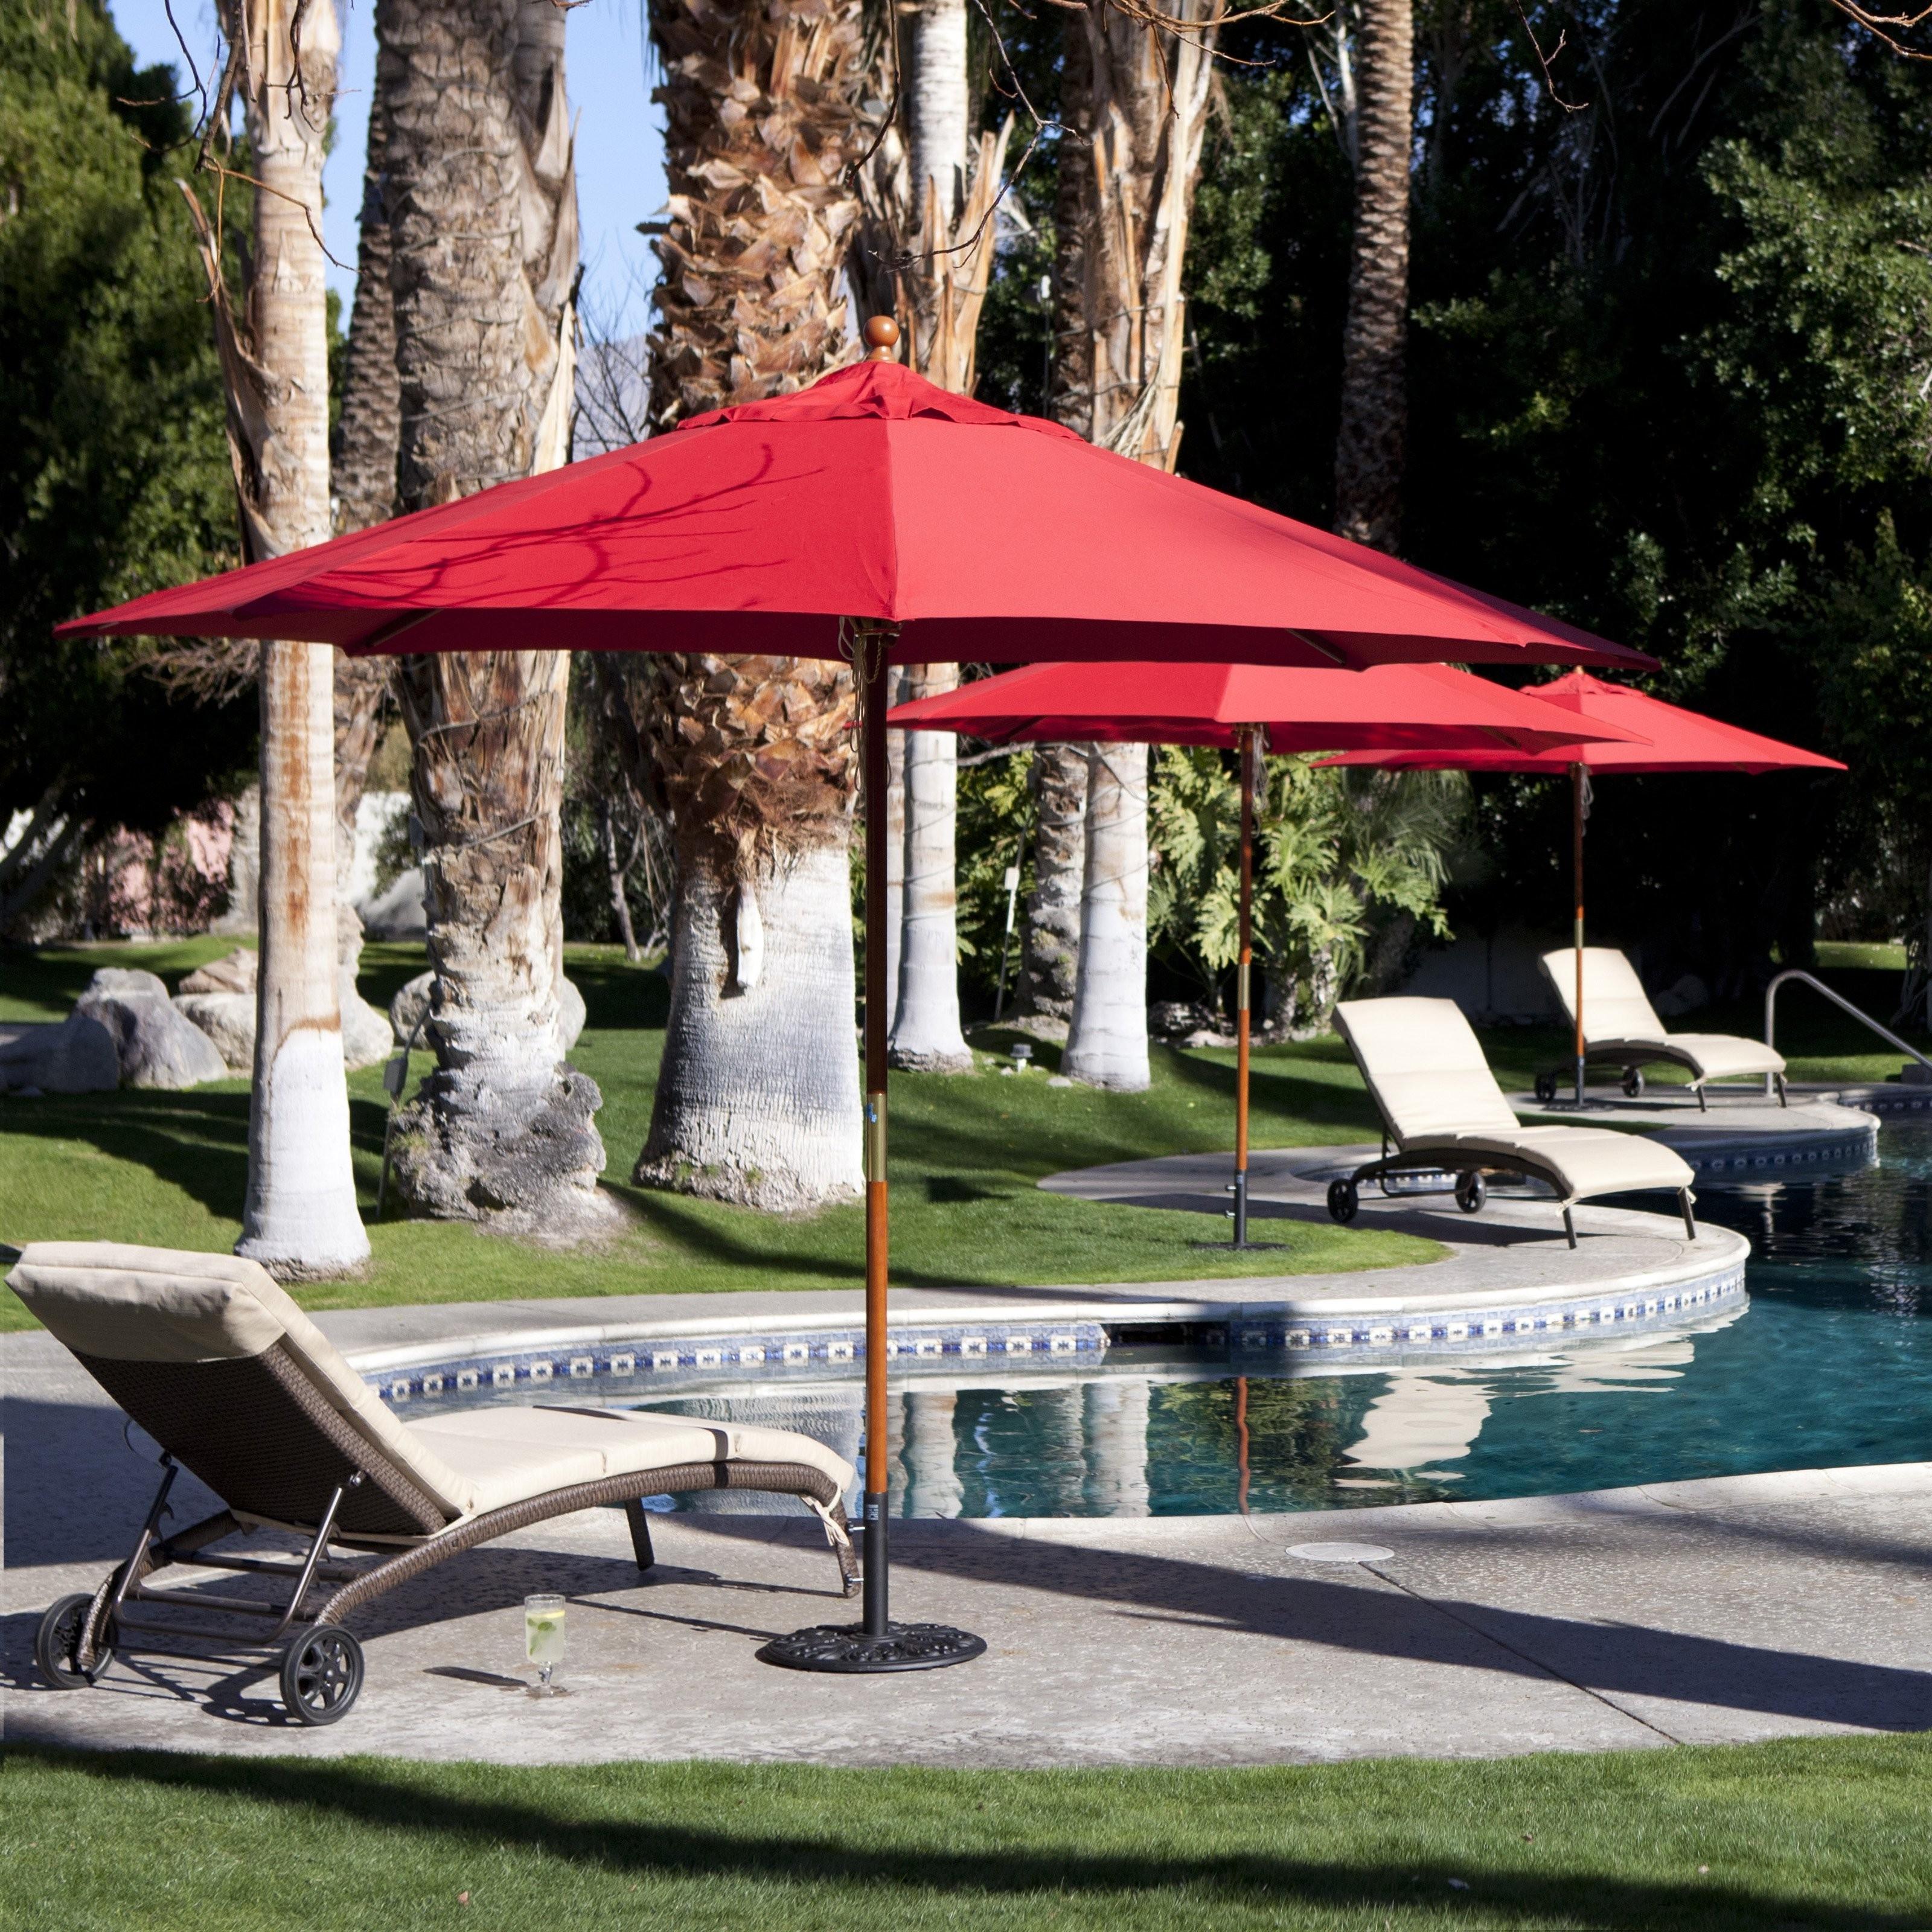 Coral Coast 11 Ft Mercial Wood Sunbrella Patio Umbrella Mercial Pati For Latest Red Sunbrella Patio Umbrellas (Gallery 3 of 20)